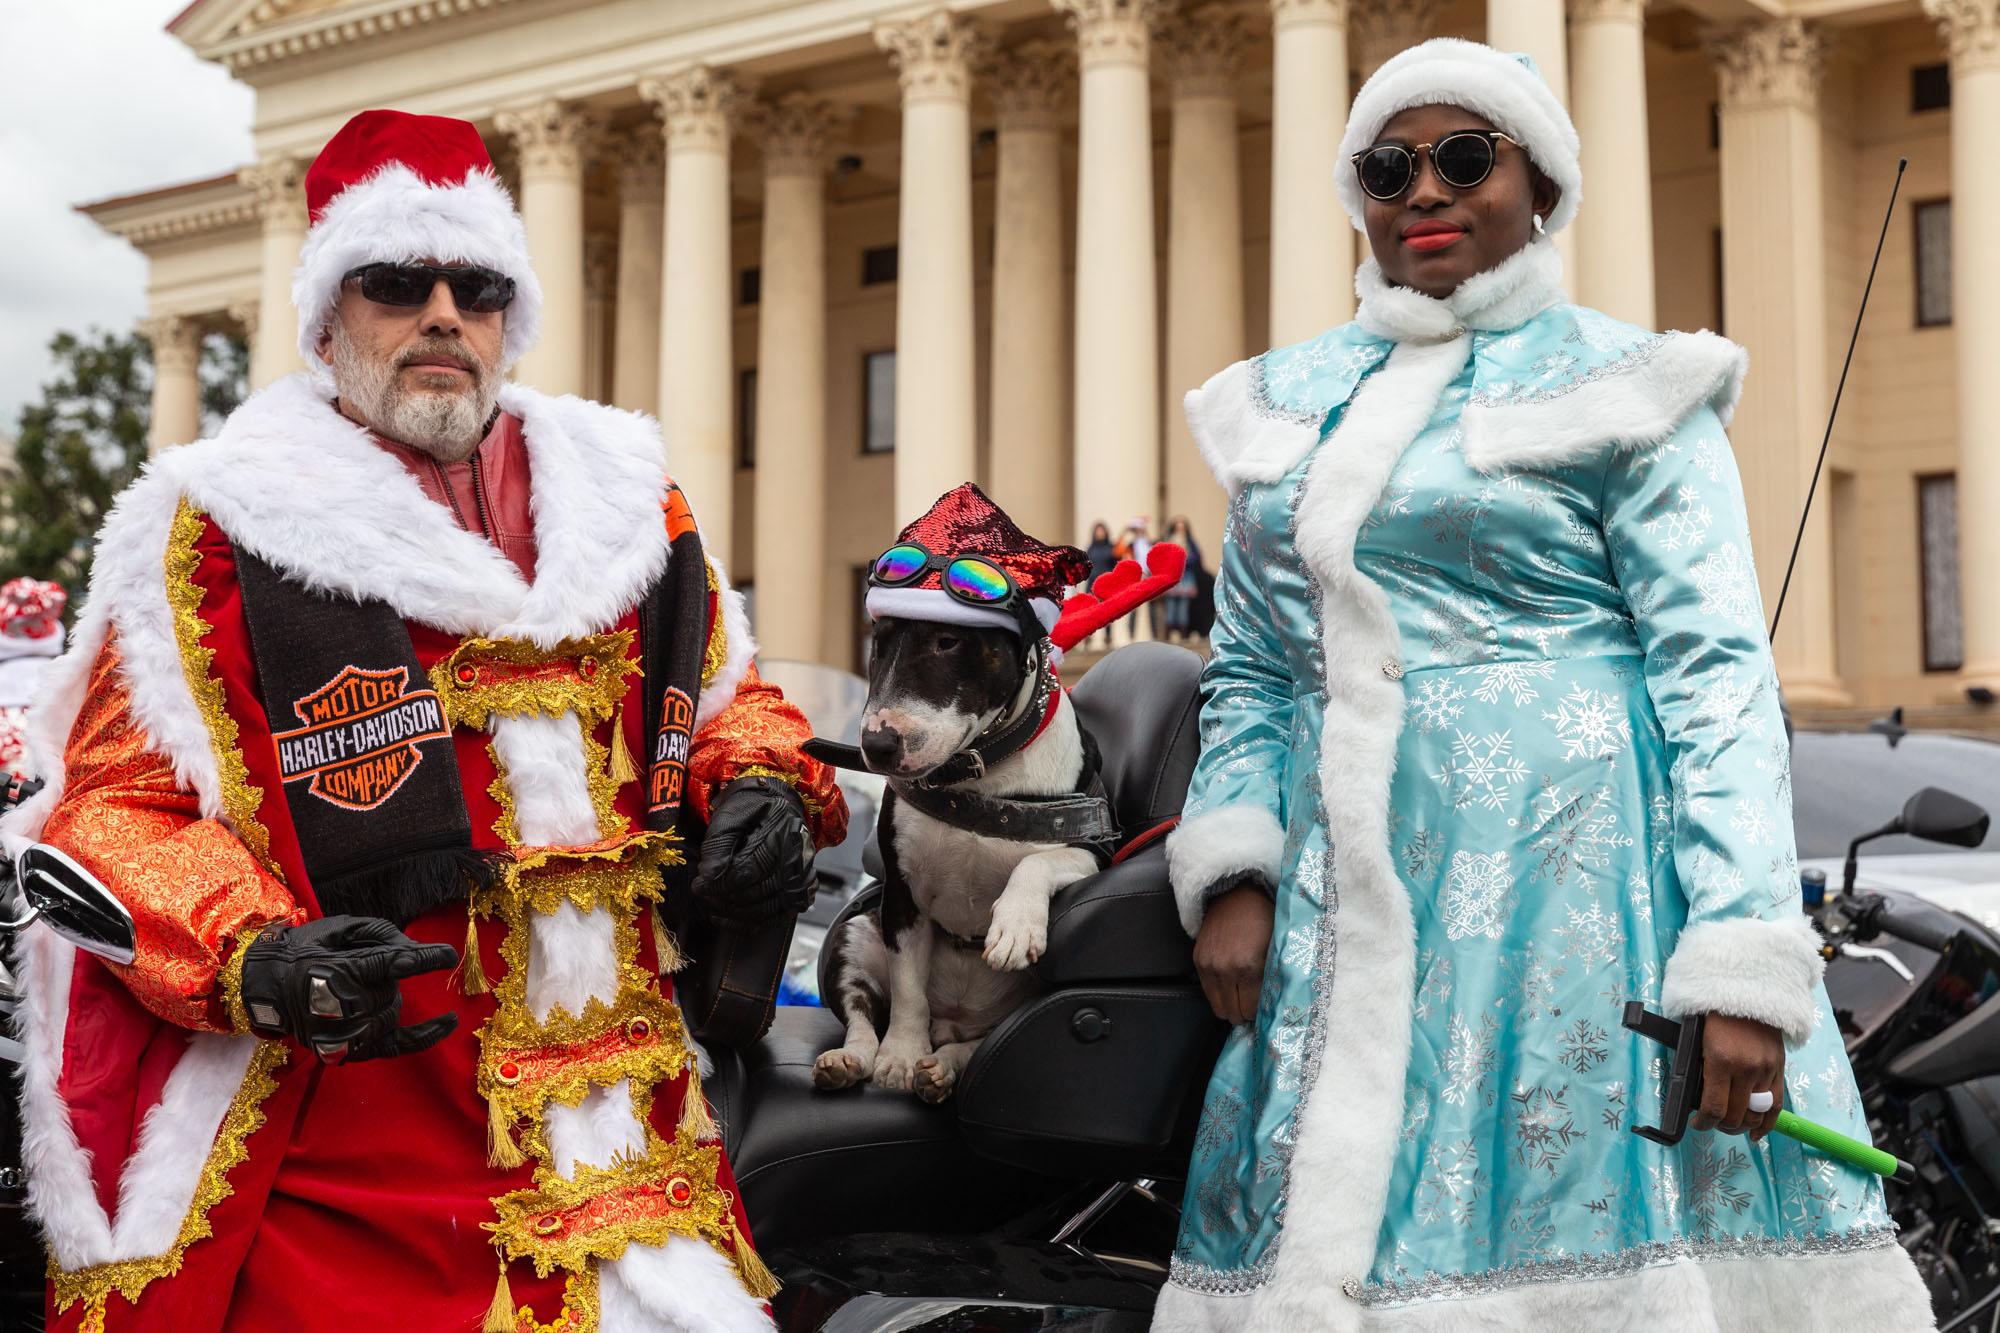 В Сочи байкеры устроили мотопарад в костюмах Дедов Морозов